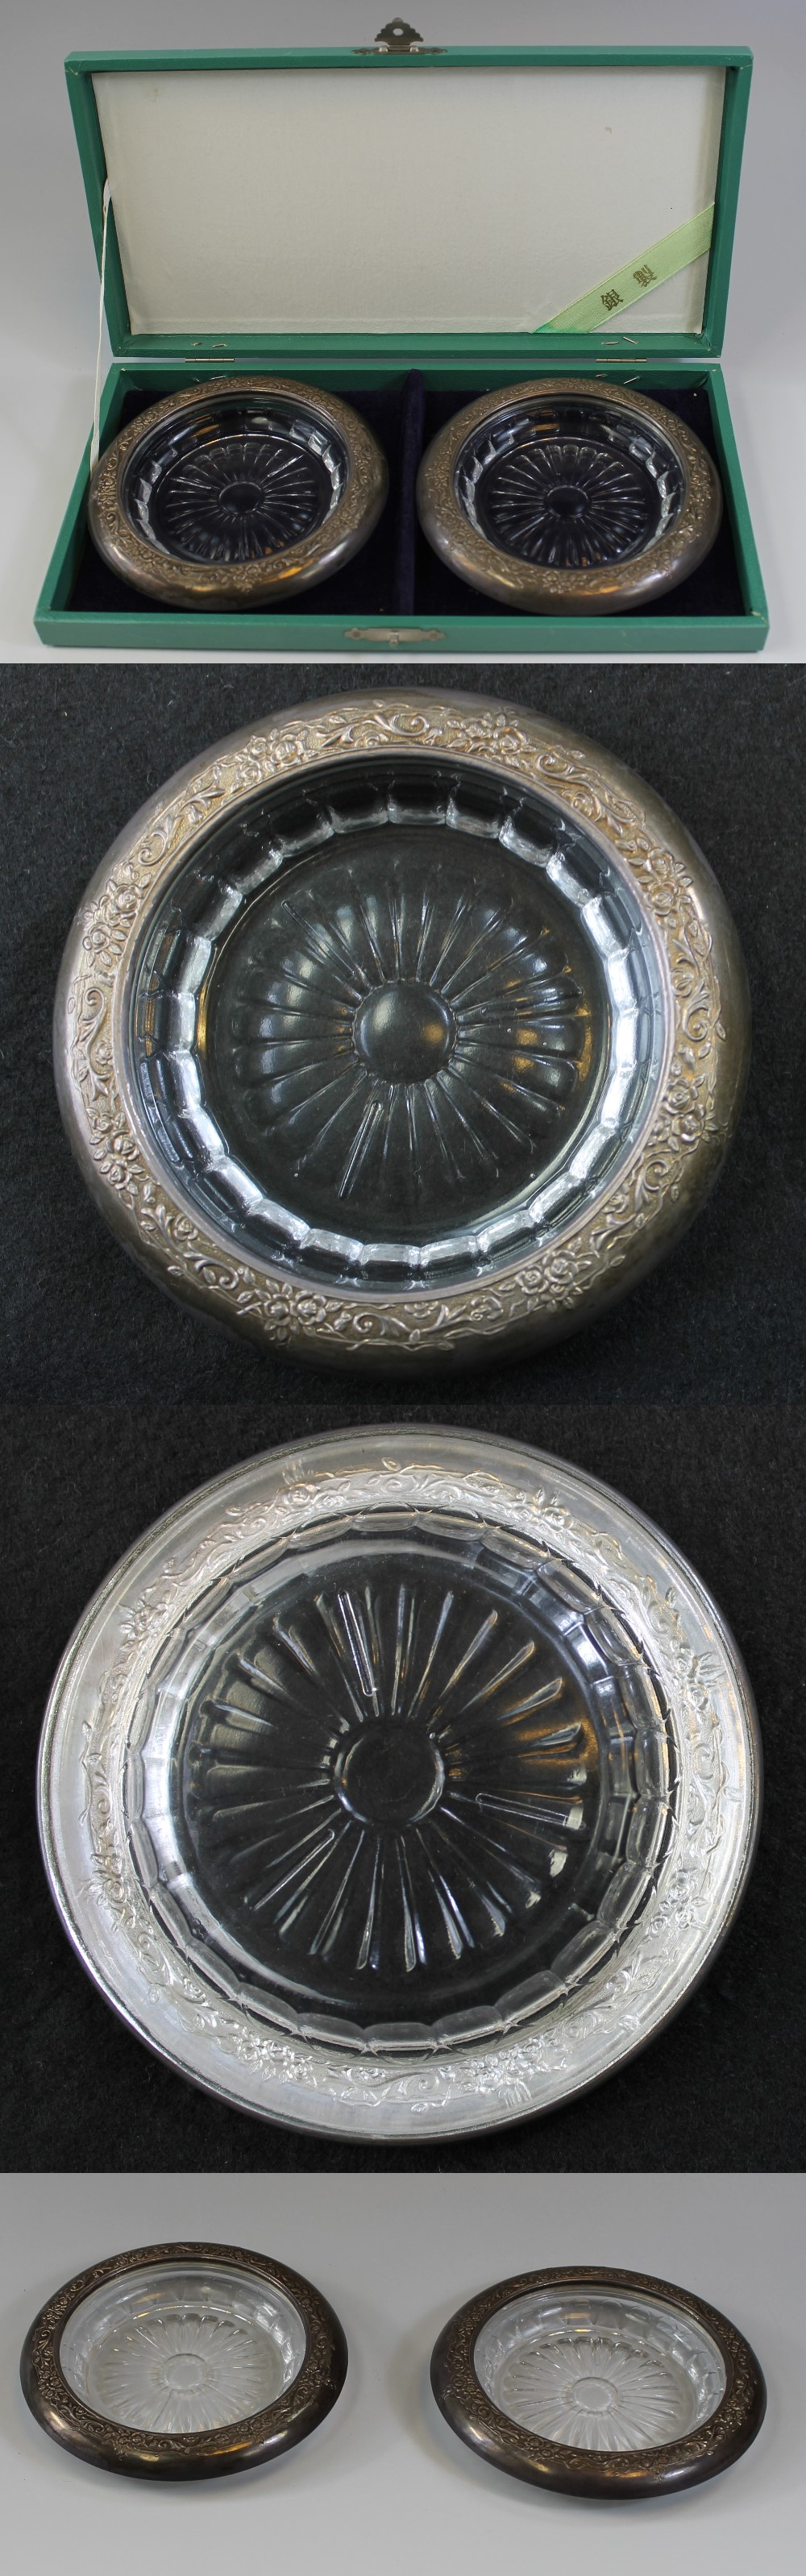 300銀枠ガラスコースター2枚組1